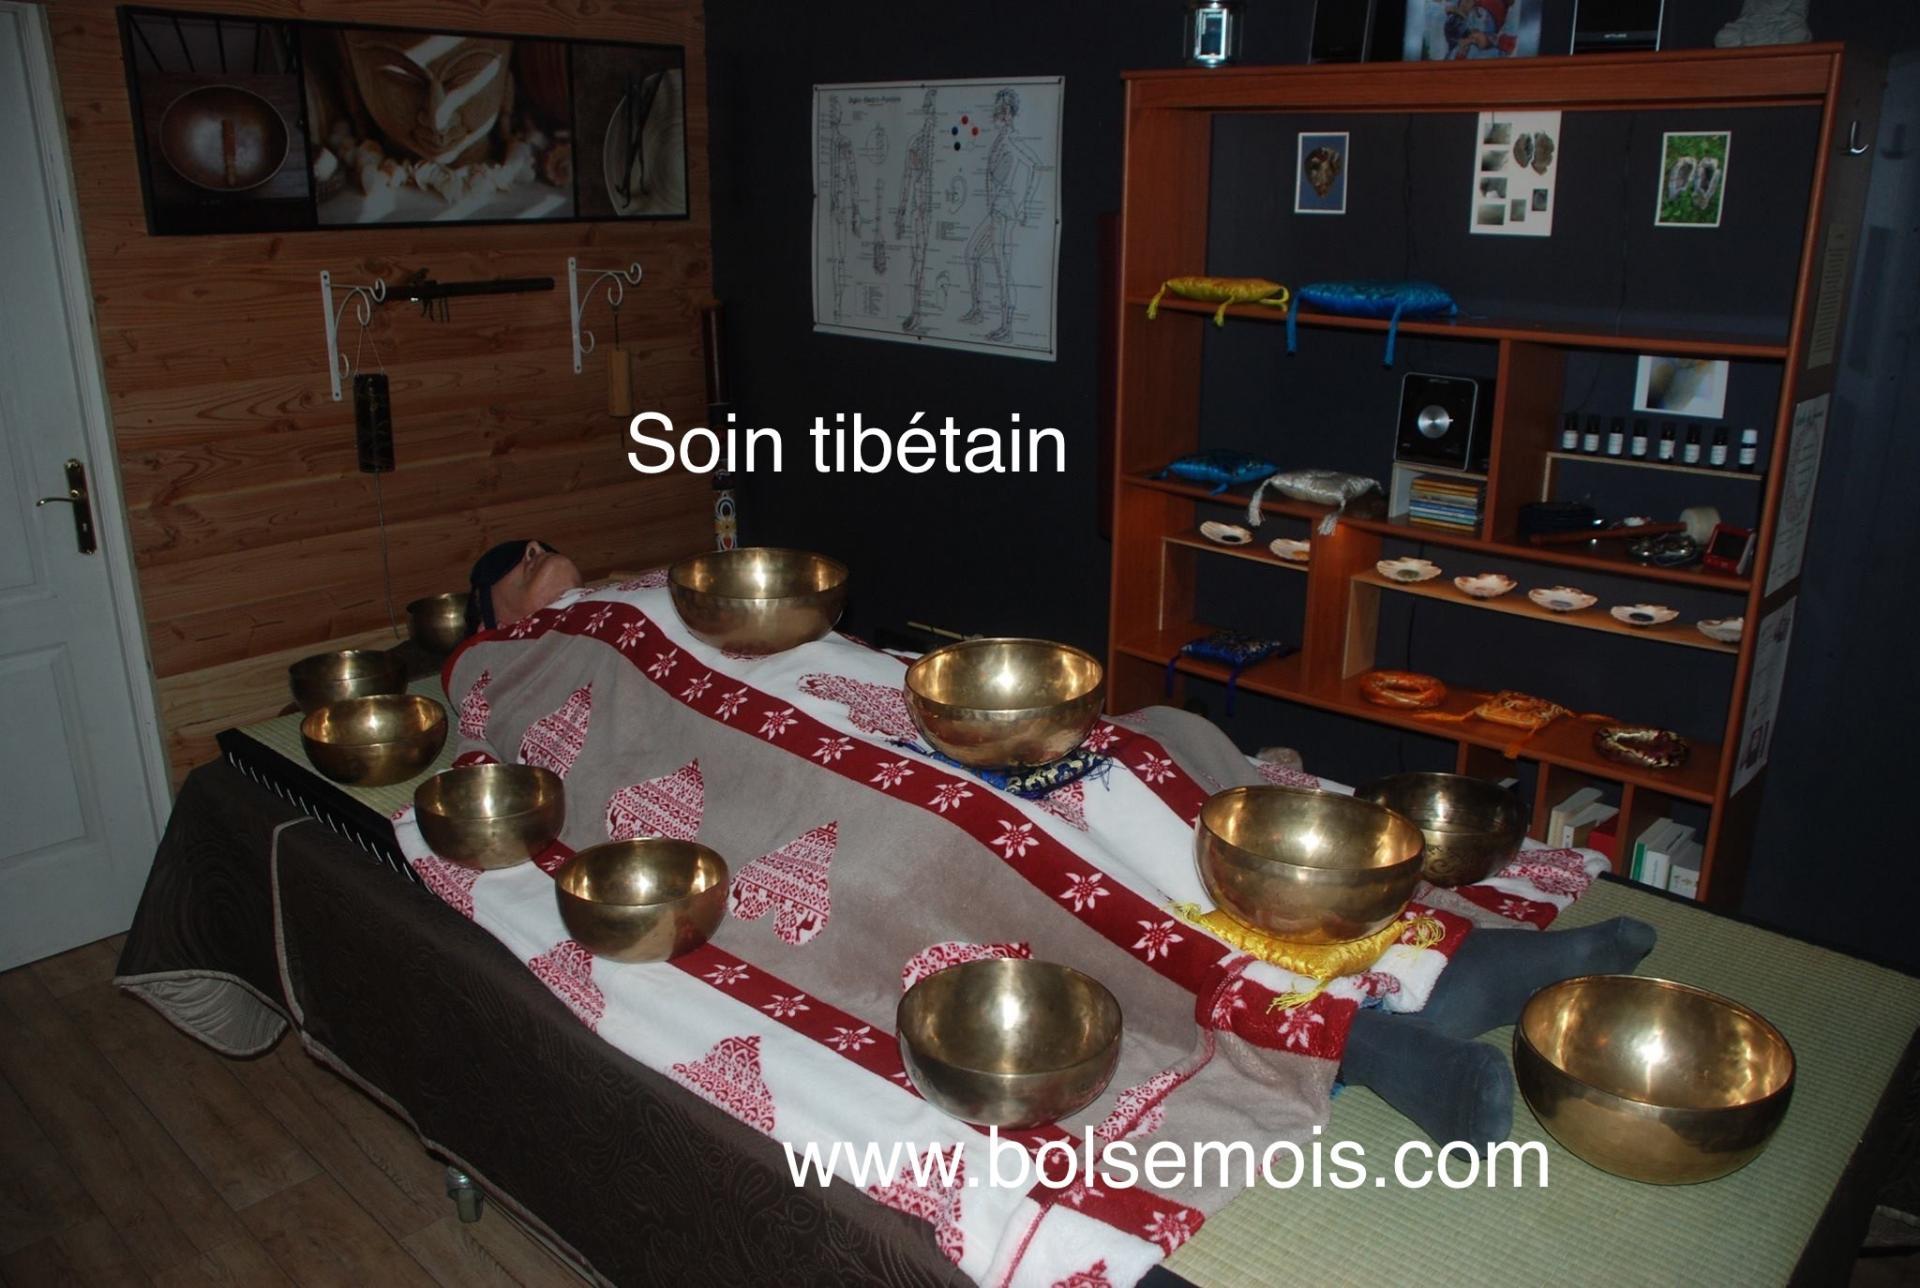 Soin tibétain